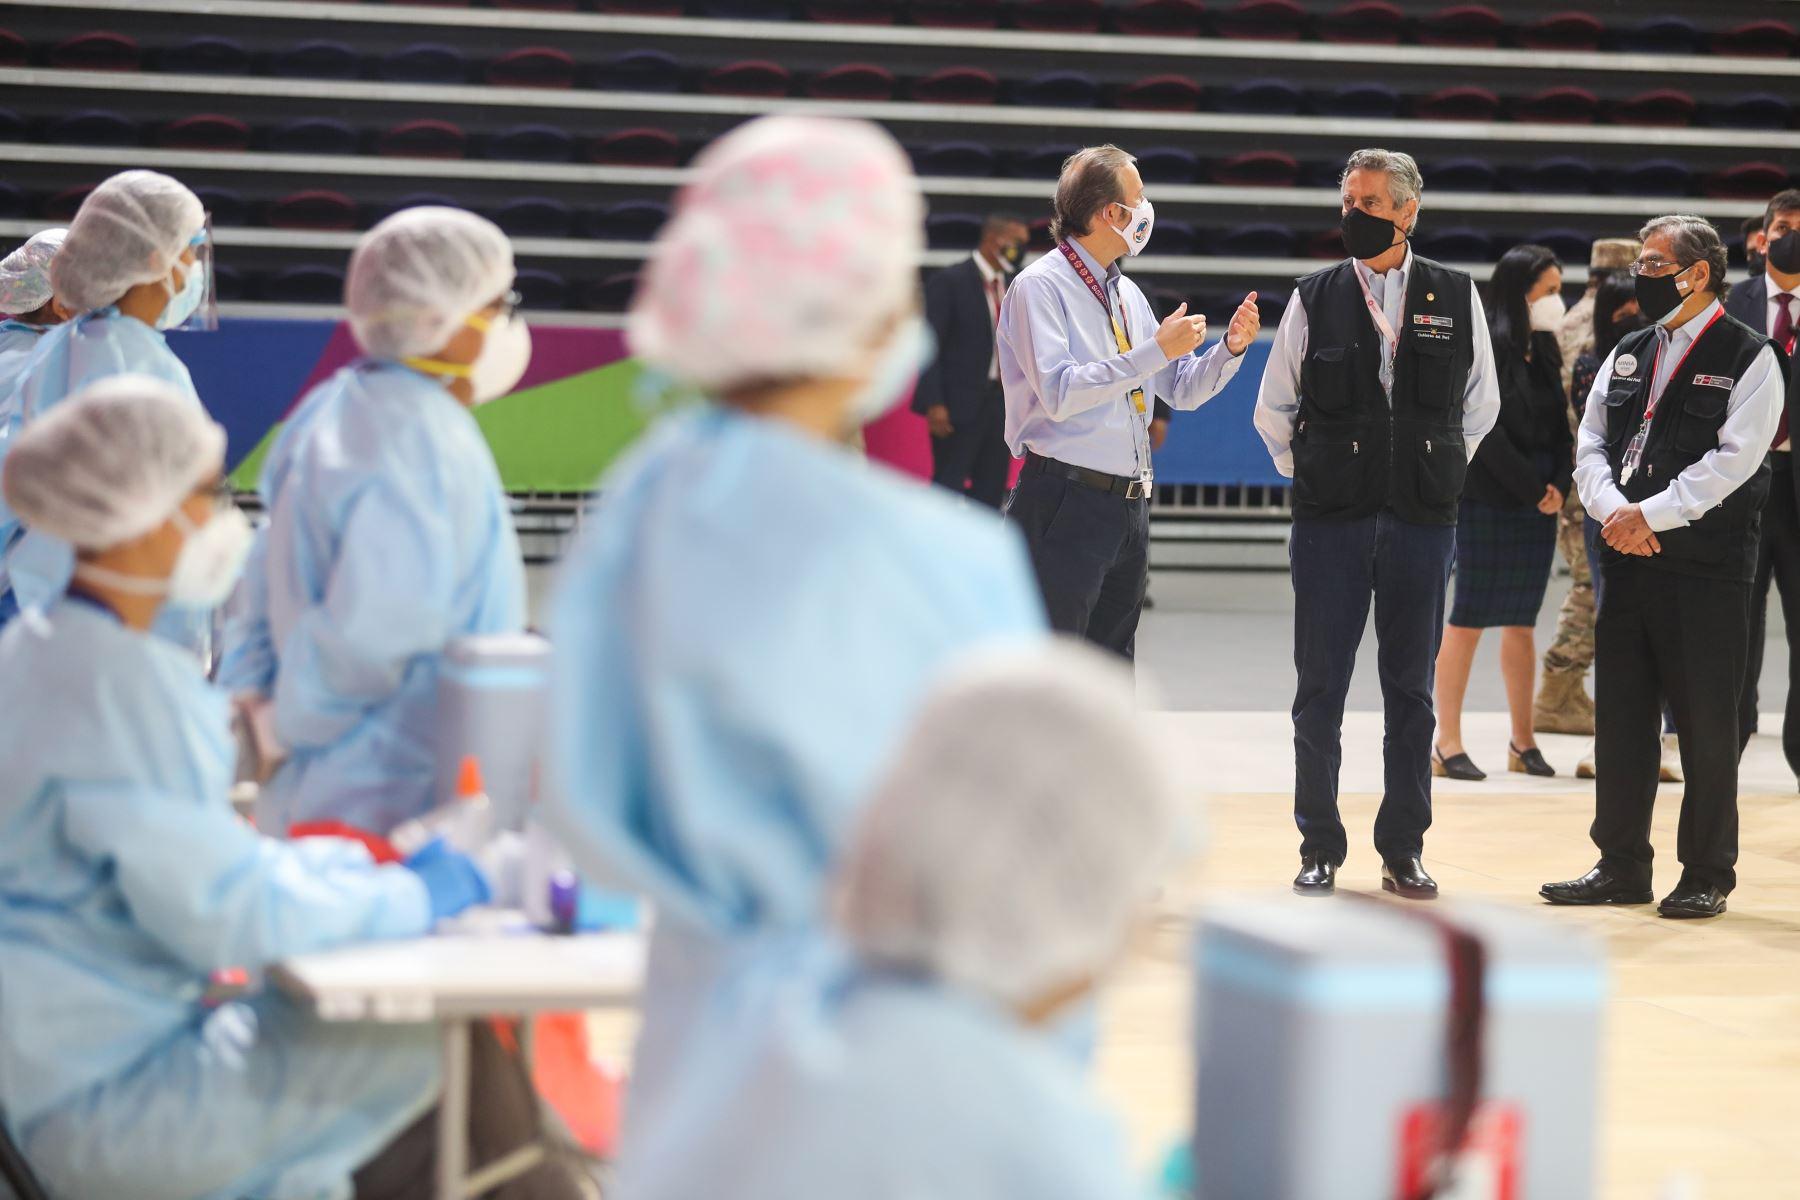 El presidente de la República, Francisco Sagasti, presenta el nuevo plan de vacunación contra la covid-19 que se iniciará el próximo 16 de abril. Foto: ANDINA/Prensa Presidencia